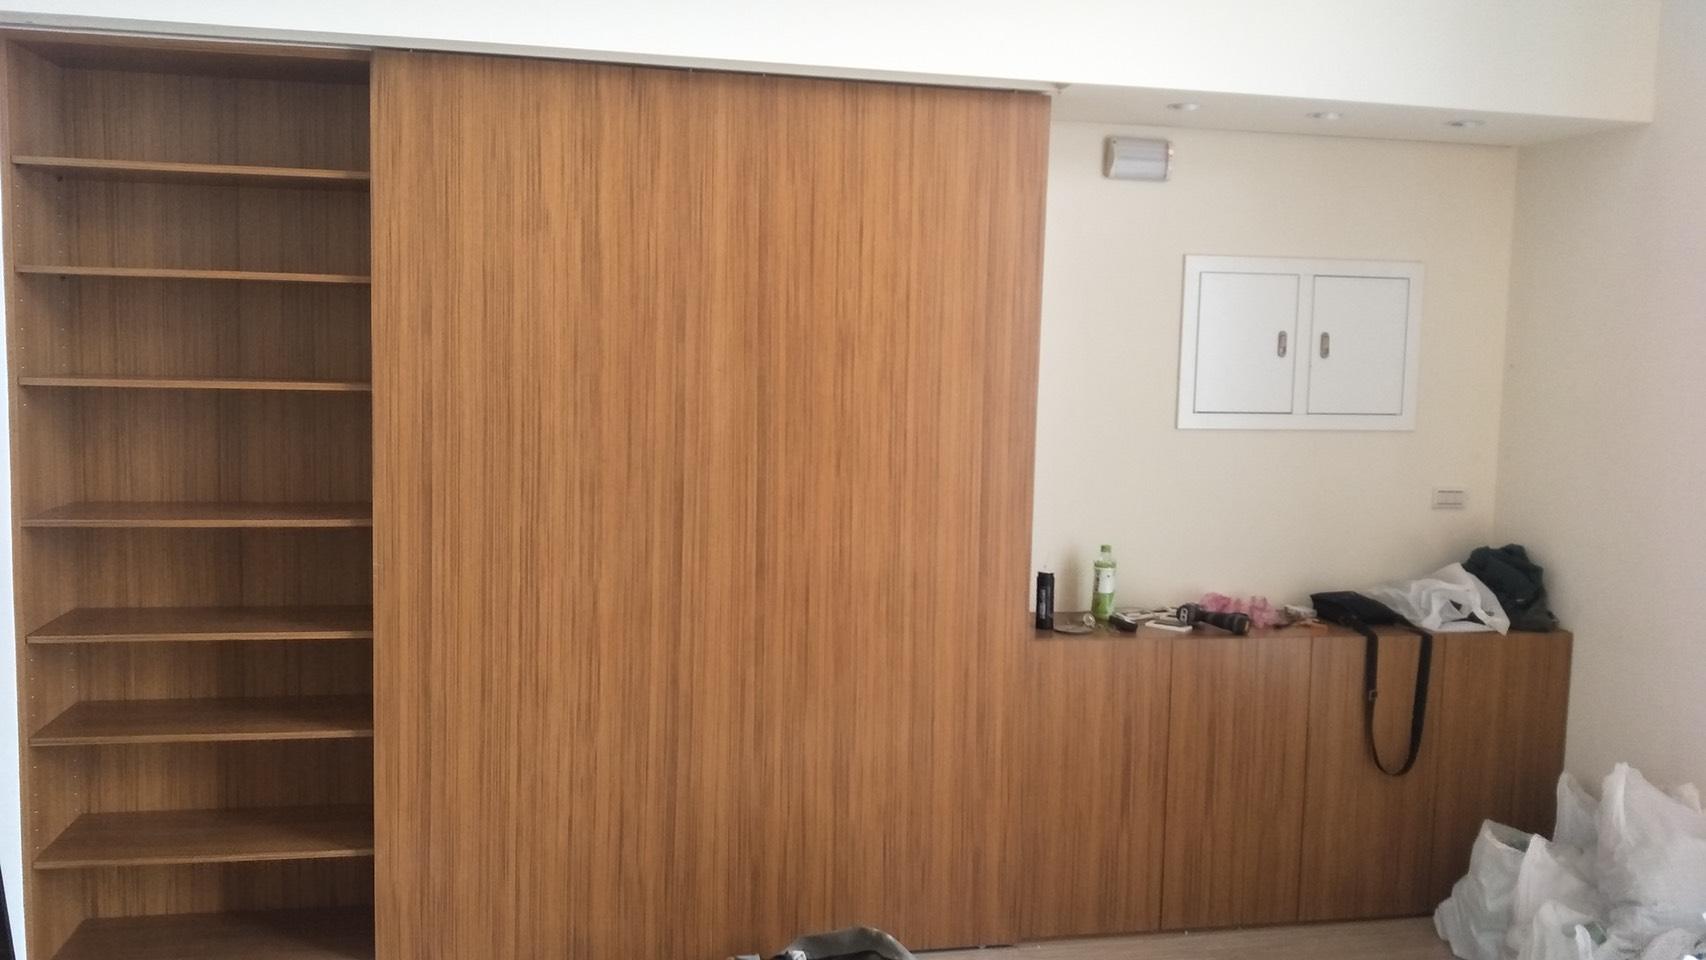 台北市住家室內裝潢衣櫃系統櫃木工 (28)